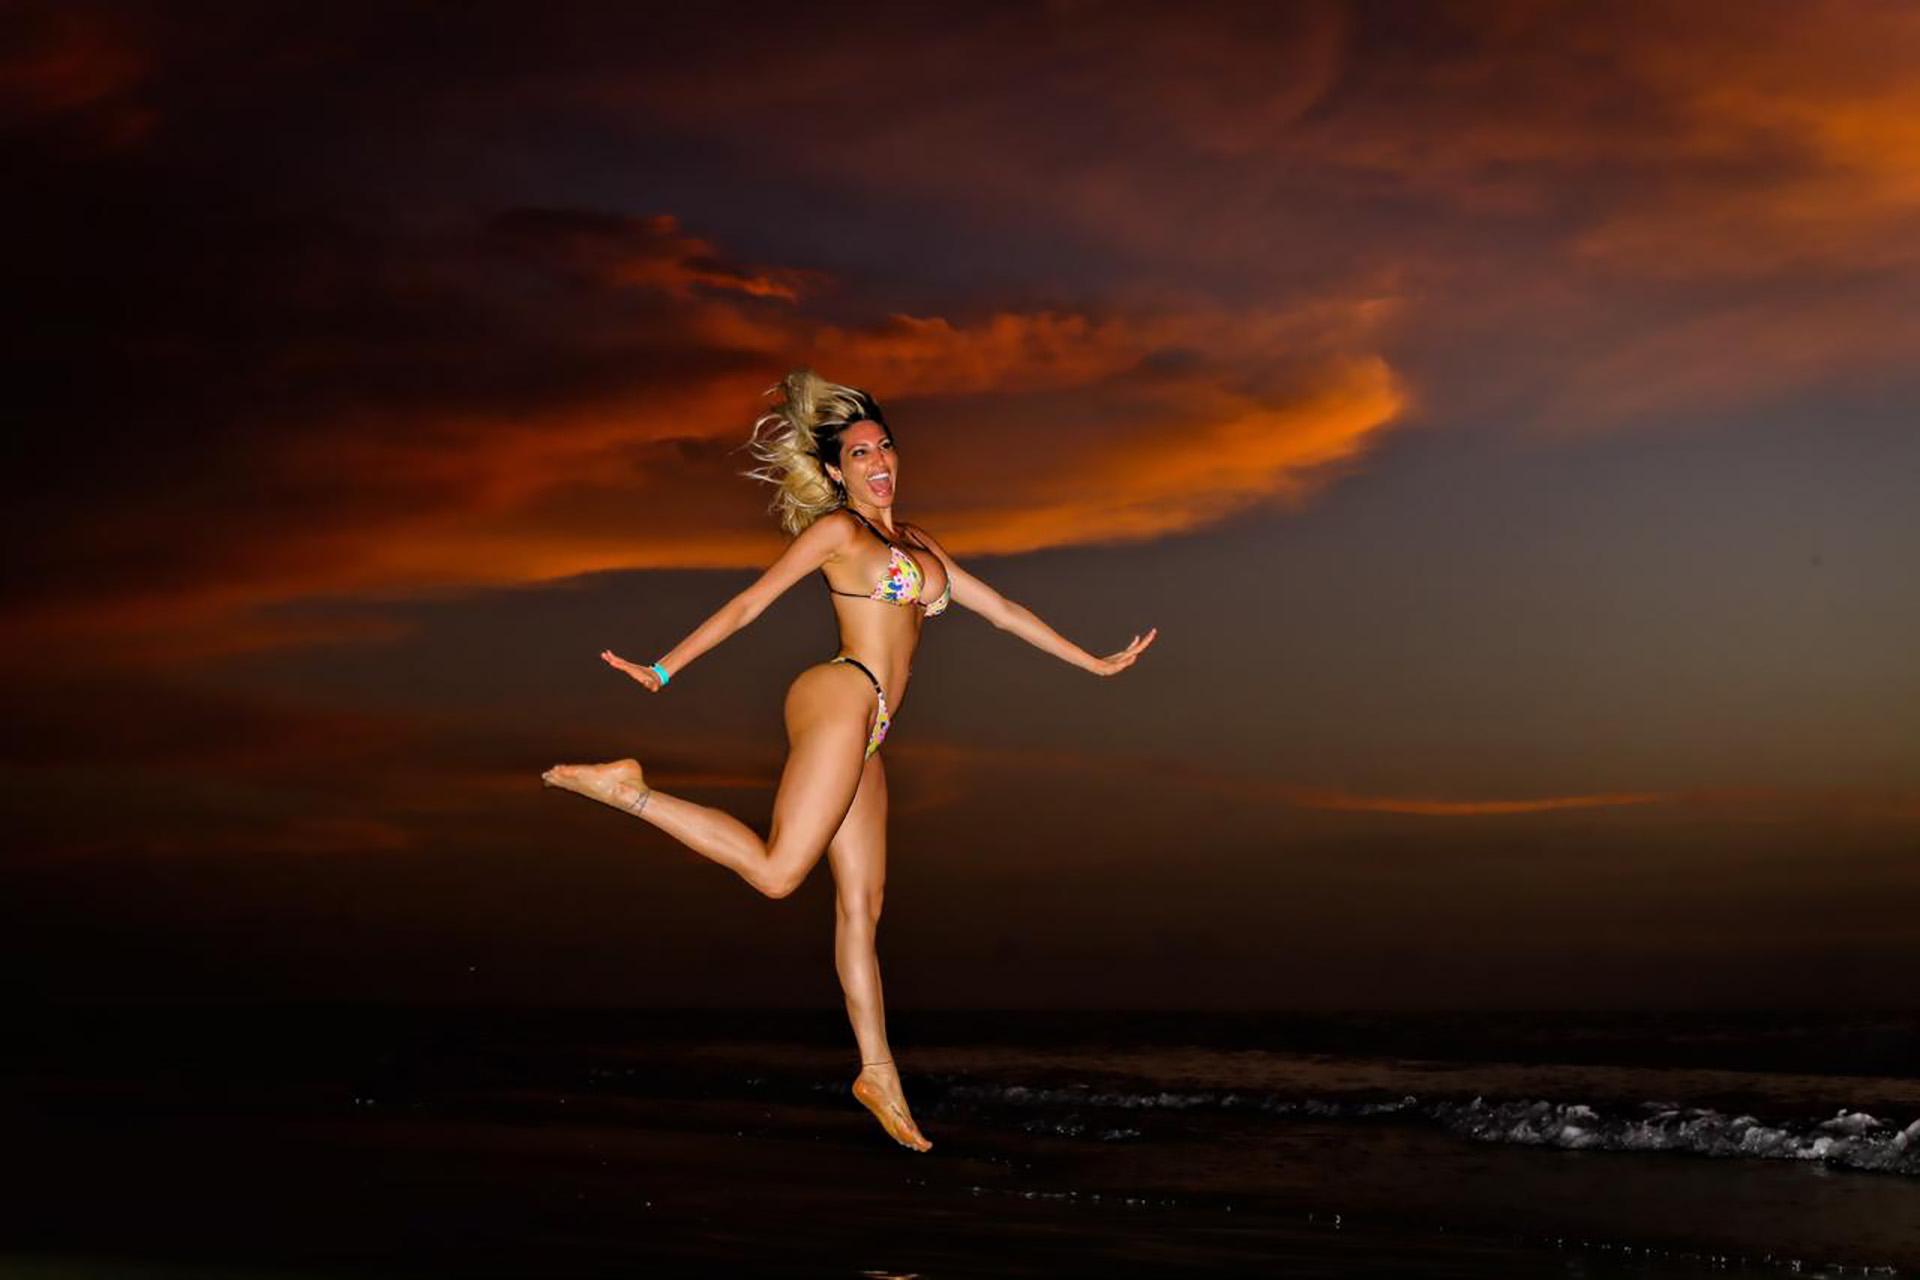 """""""Qué lindo que es pasarla bien"""", dijo Vicky mientrasreía con ganas, a los saltos y en bikini"""